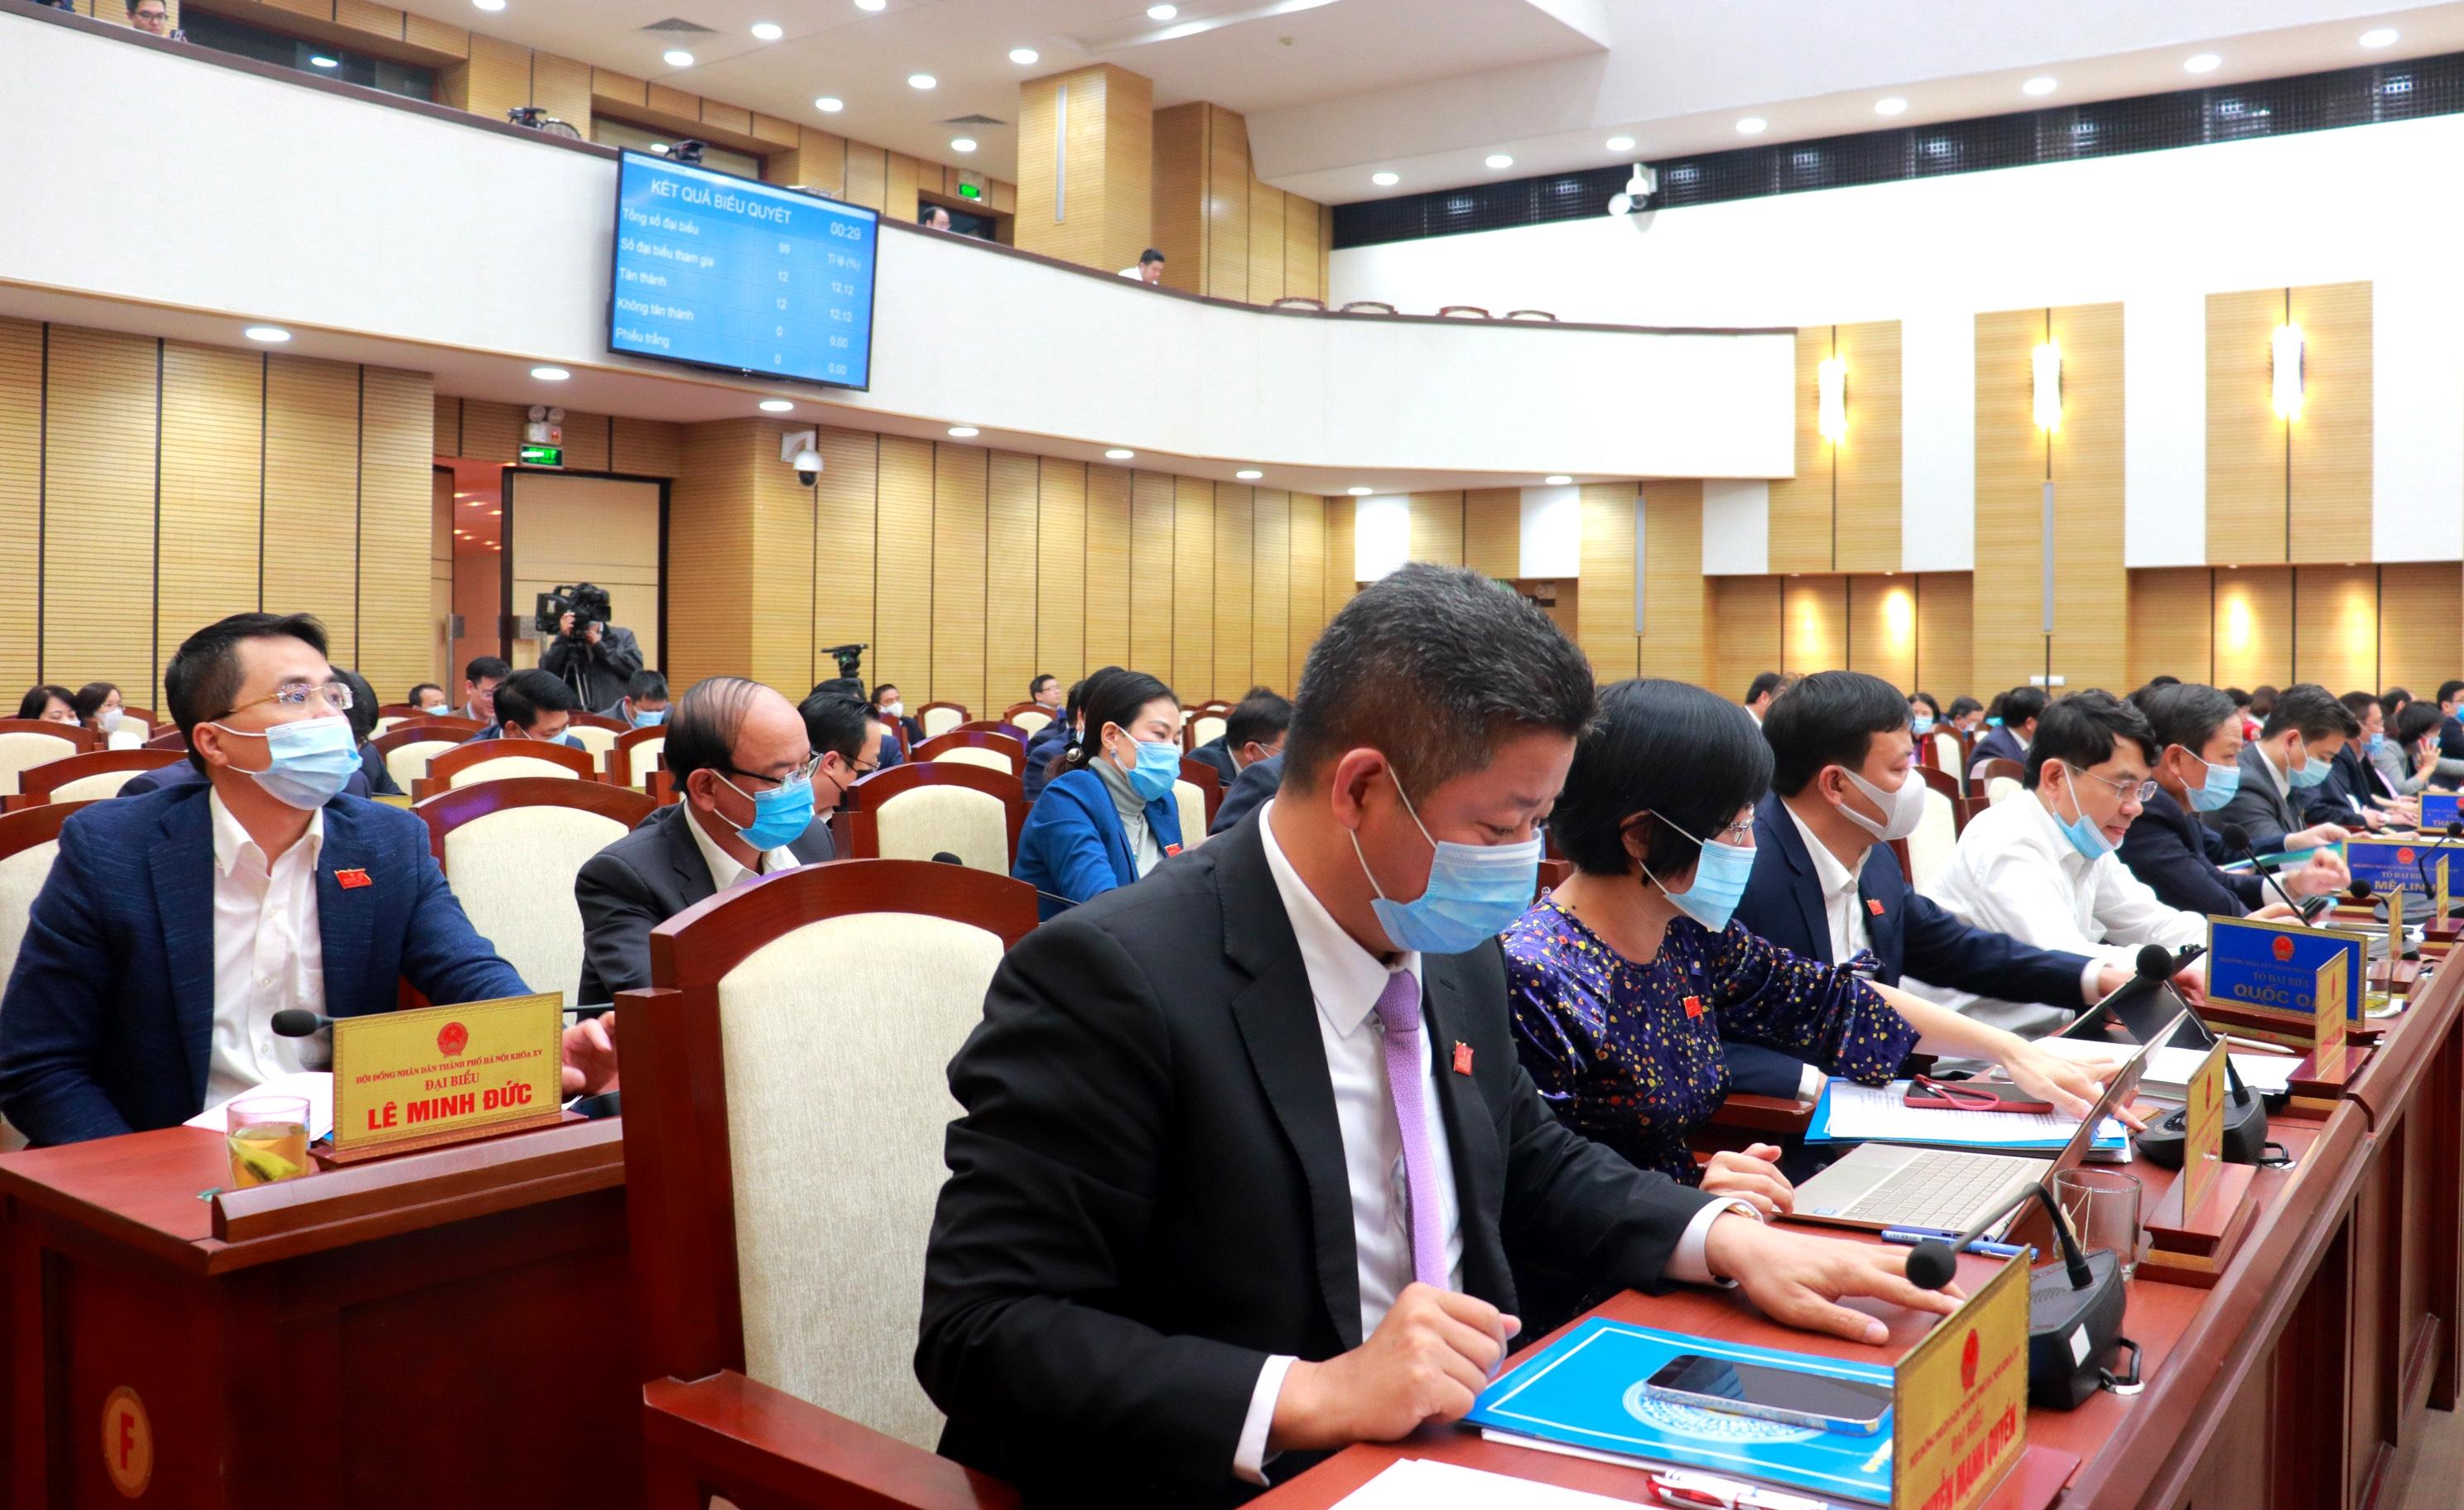 Hà Nội: Thông qua định hướng khung Kế hoạch đầu tư công trung hạn 05 năm 2021-2025